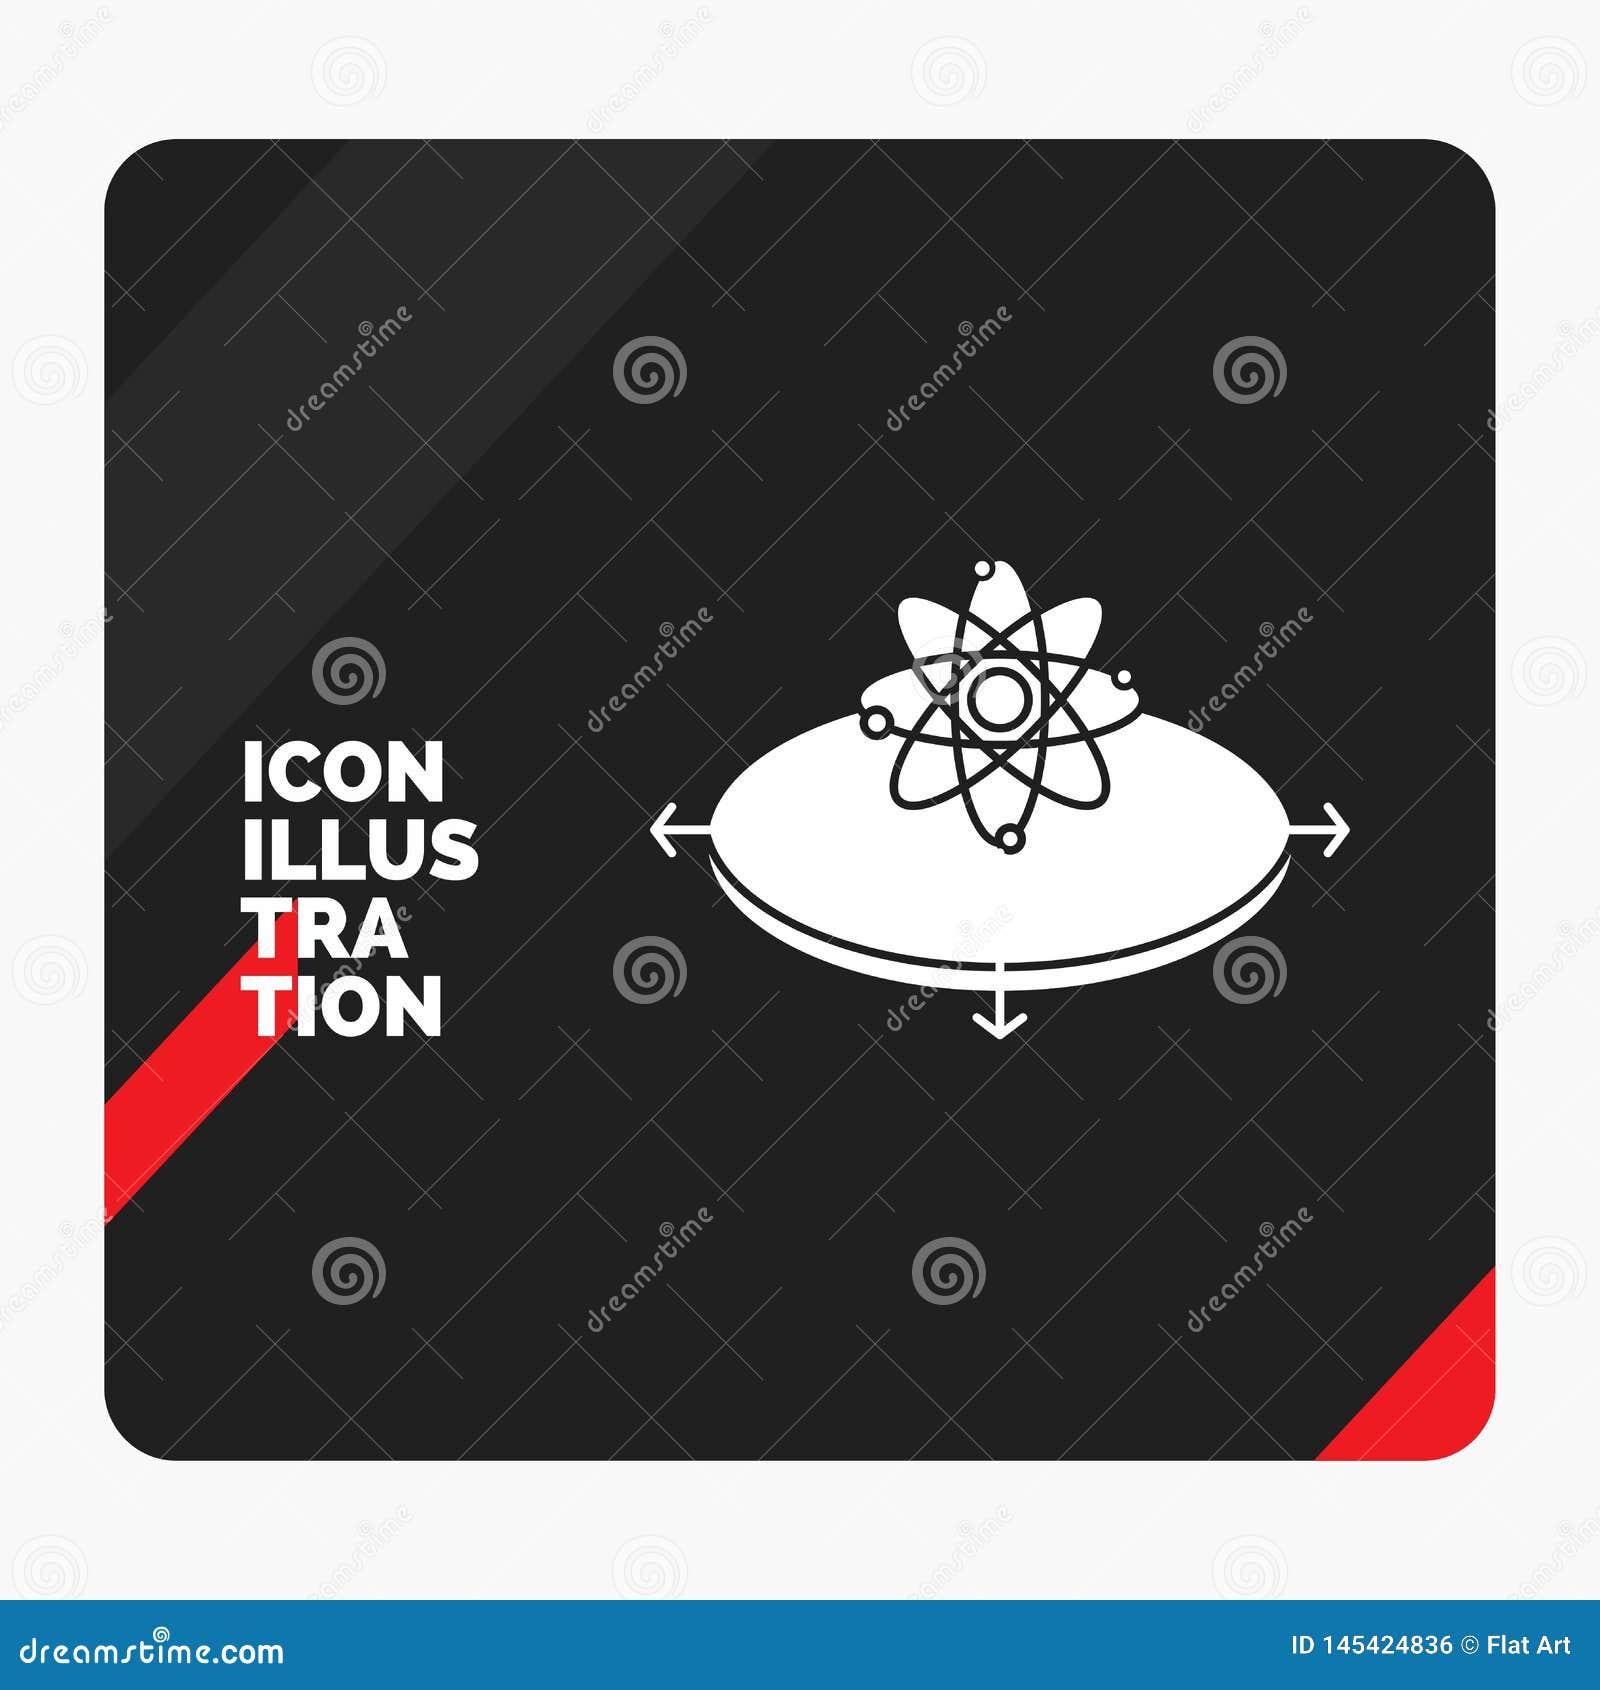 Fundo criativo vermelho e preto da apresentação para o negócio, conceito, ideia, inovação, ícone do Glyph da luz